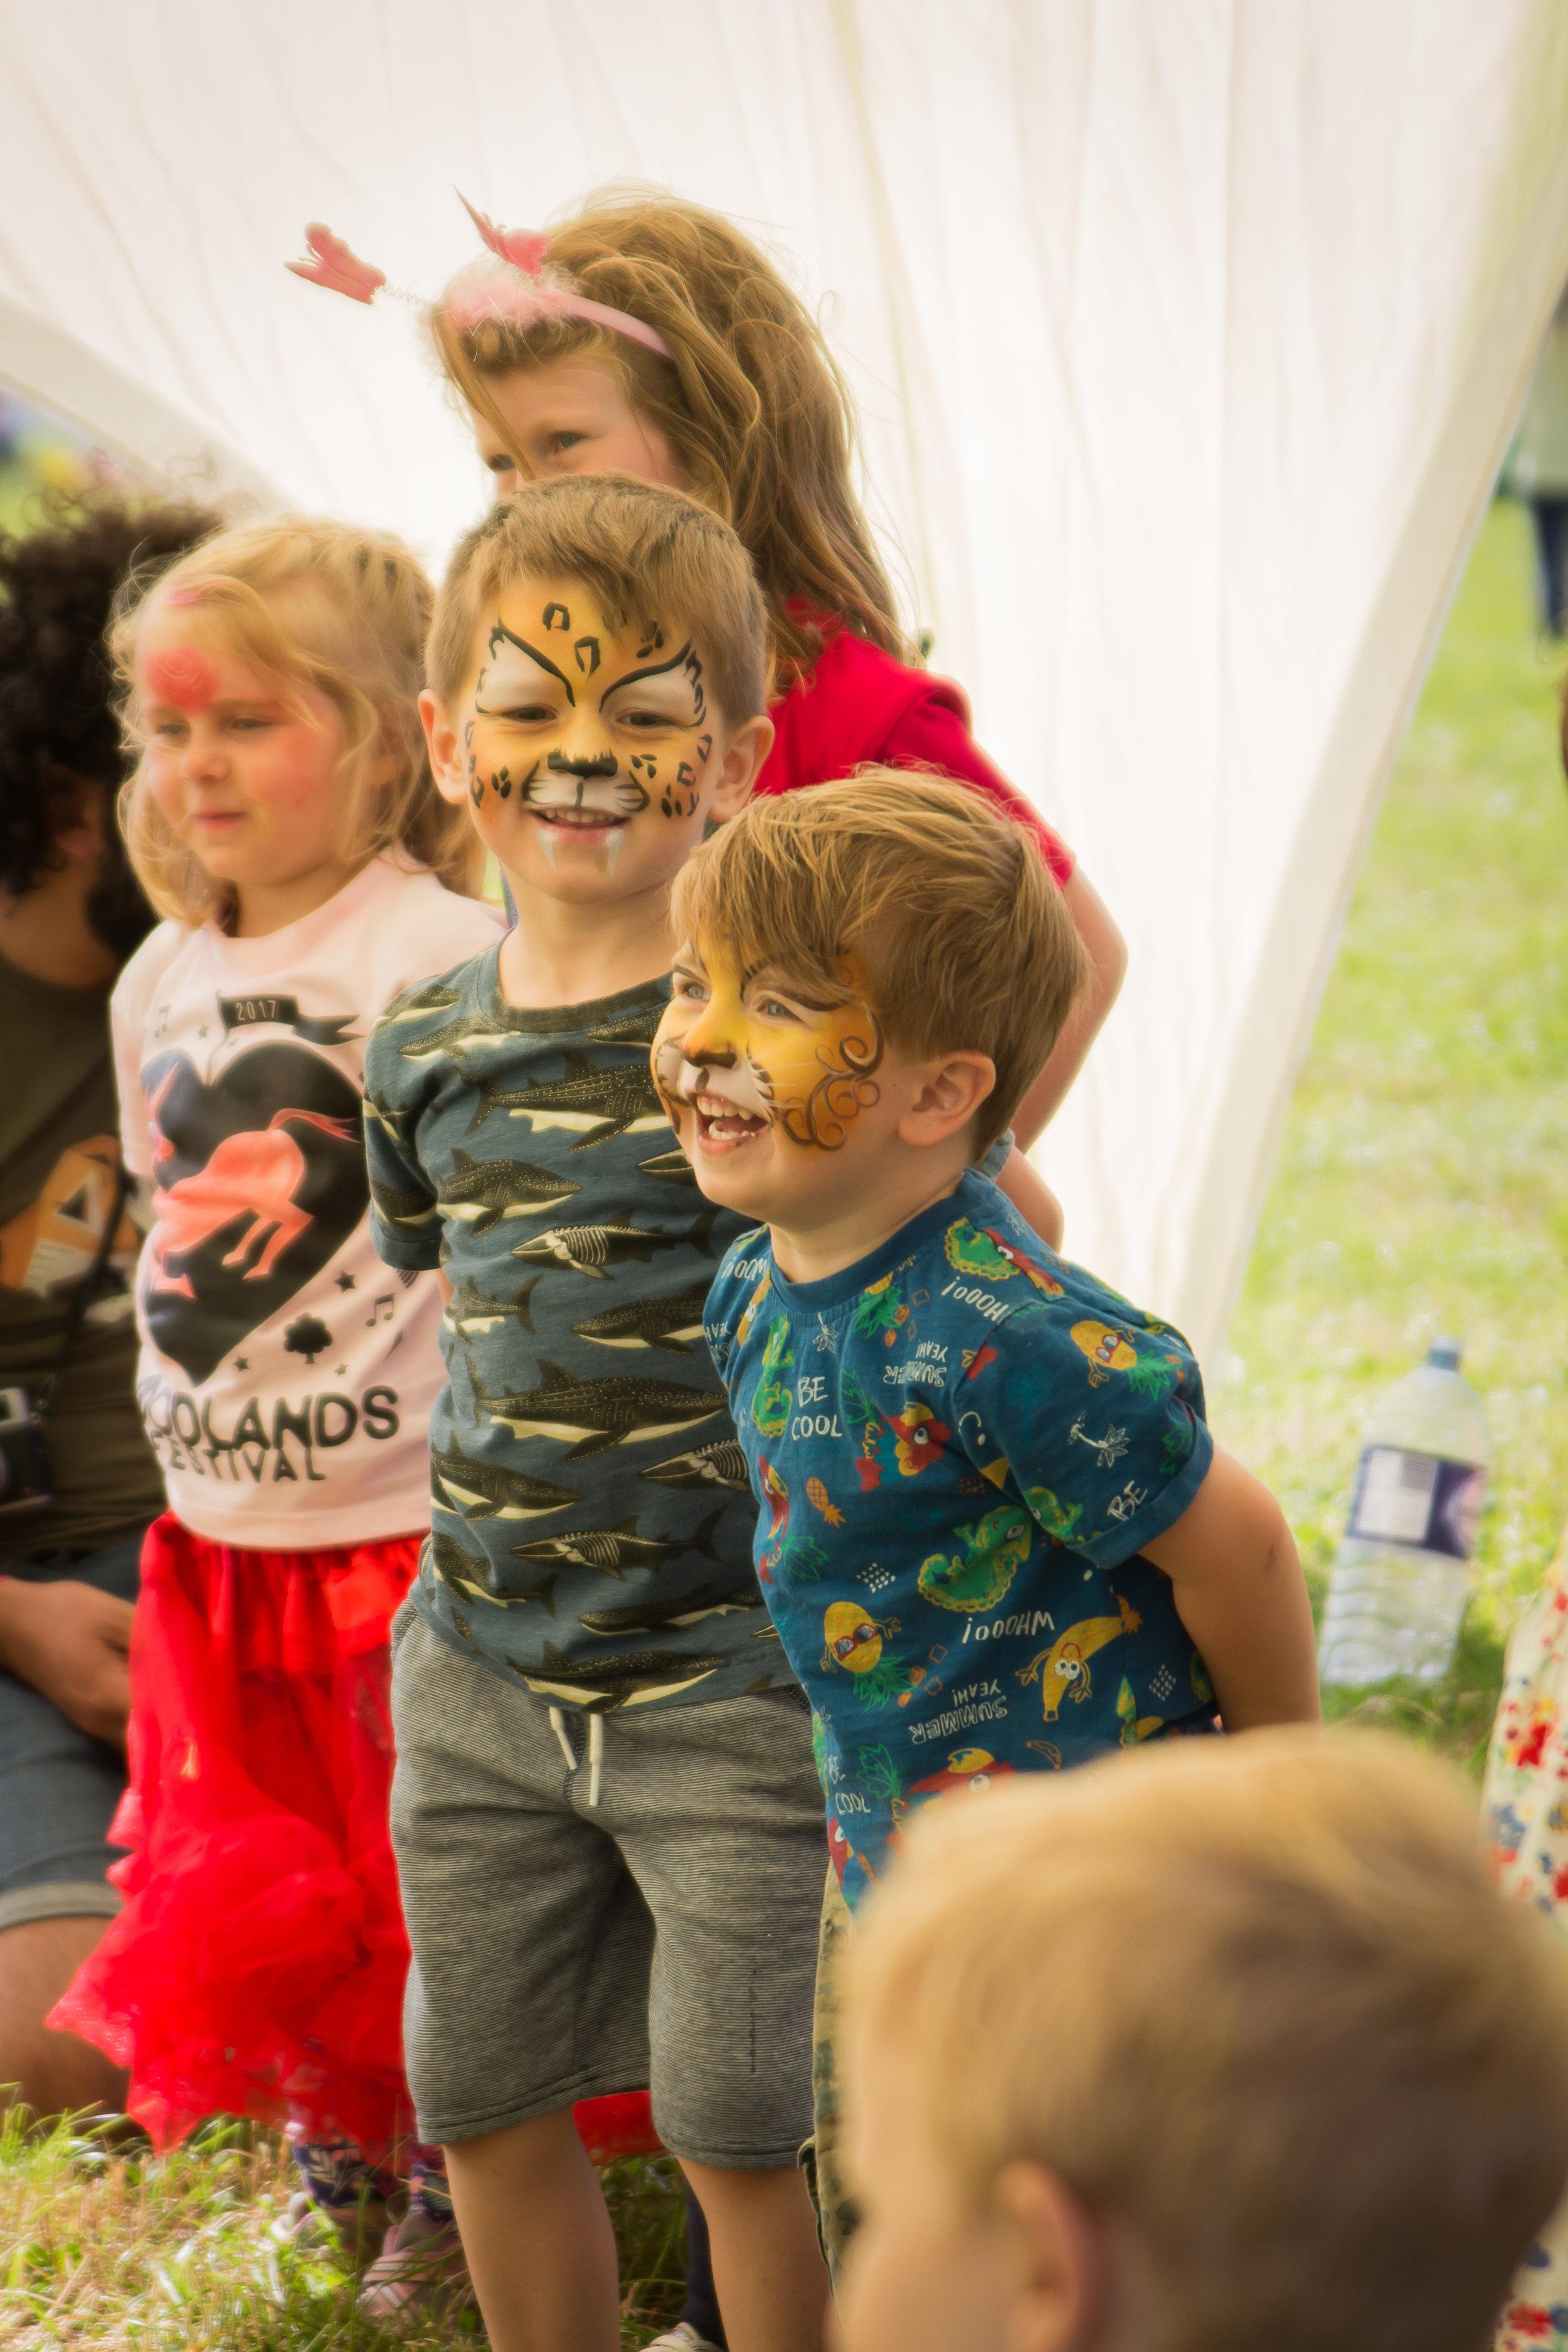 Face painted kids.jpg